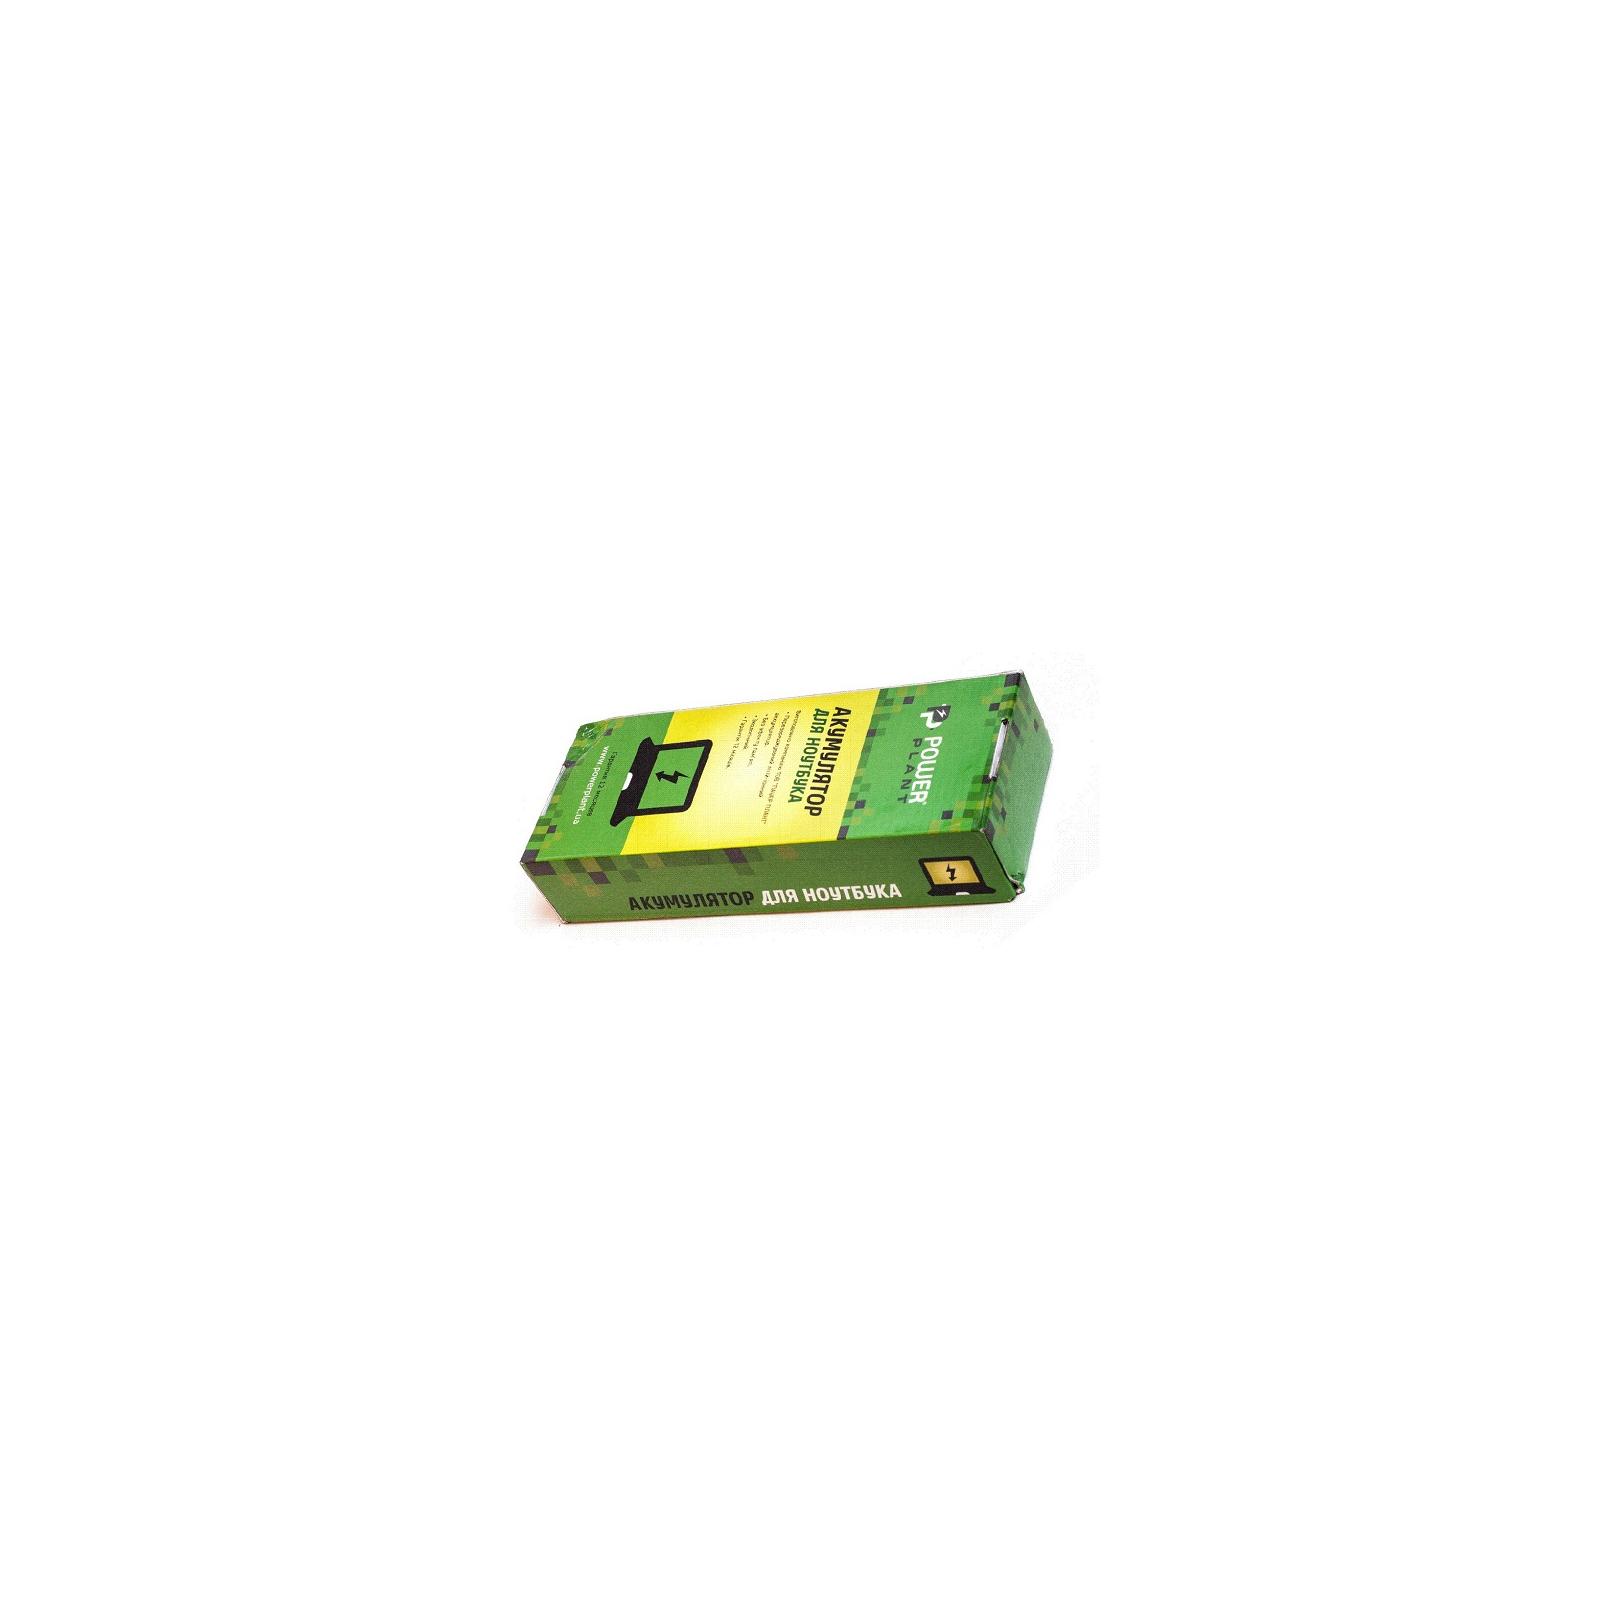 Аккумулятор для ноутбука ACER TravelMate C300 (BTP-63D1 AC-63D1-8) 14.8V 4400mAh PowerPlant (NB00000168) изображение 3